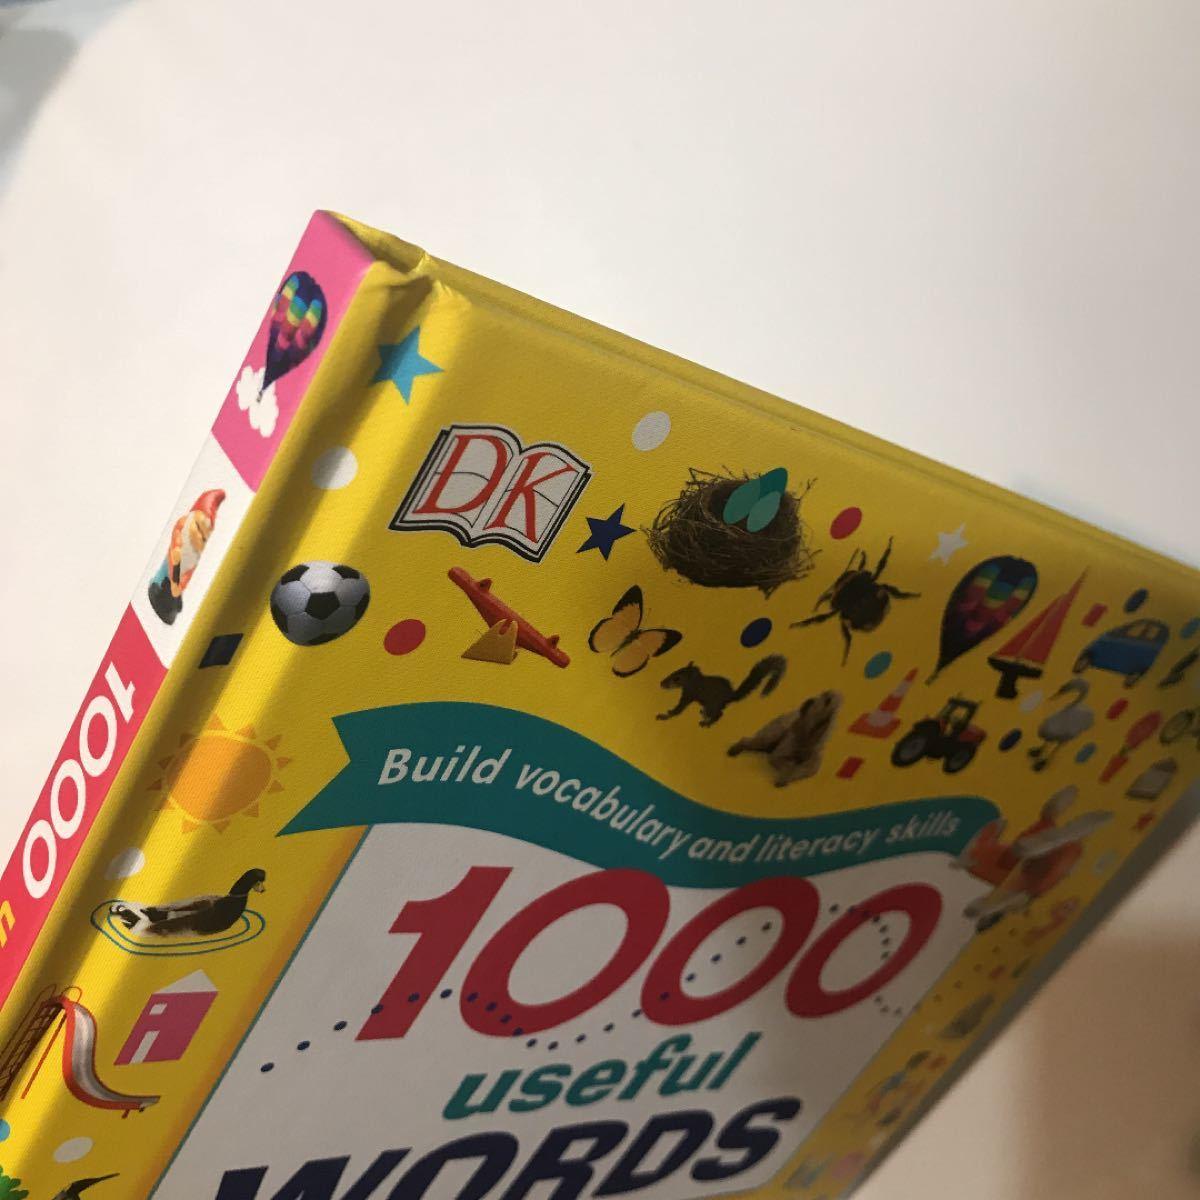 はらぺこあおむし音声本 1000 Useful Words イラスト辞書